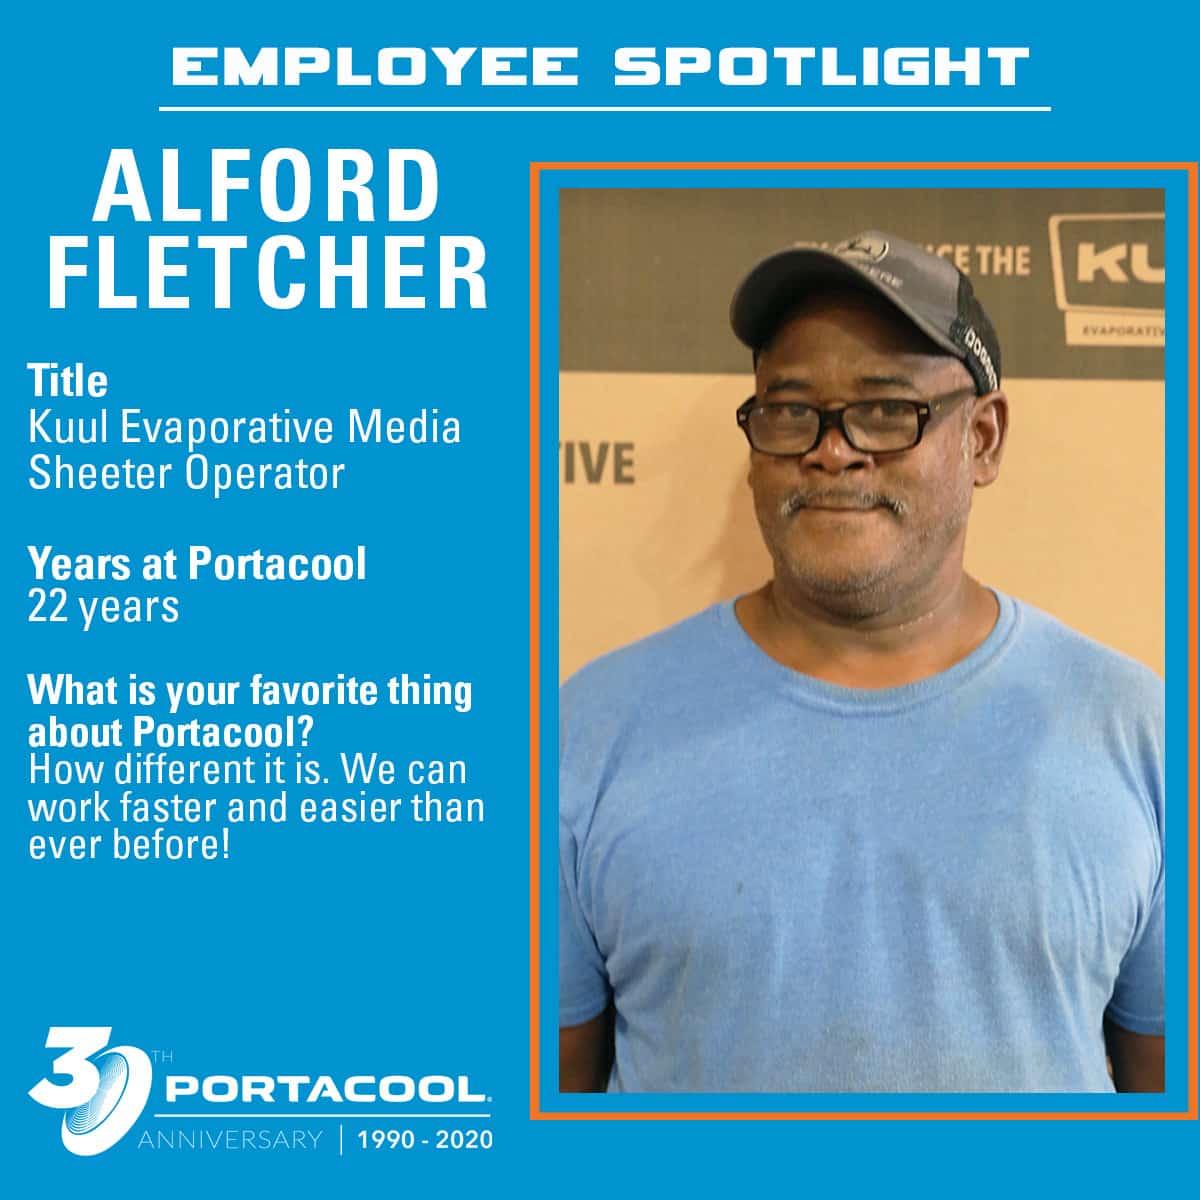 Portacool Portable Evaporative Air Coolers - Alford Fletcher